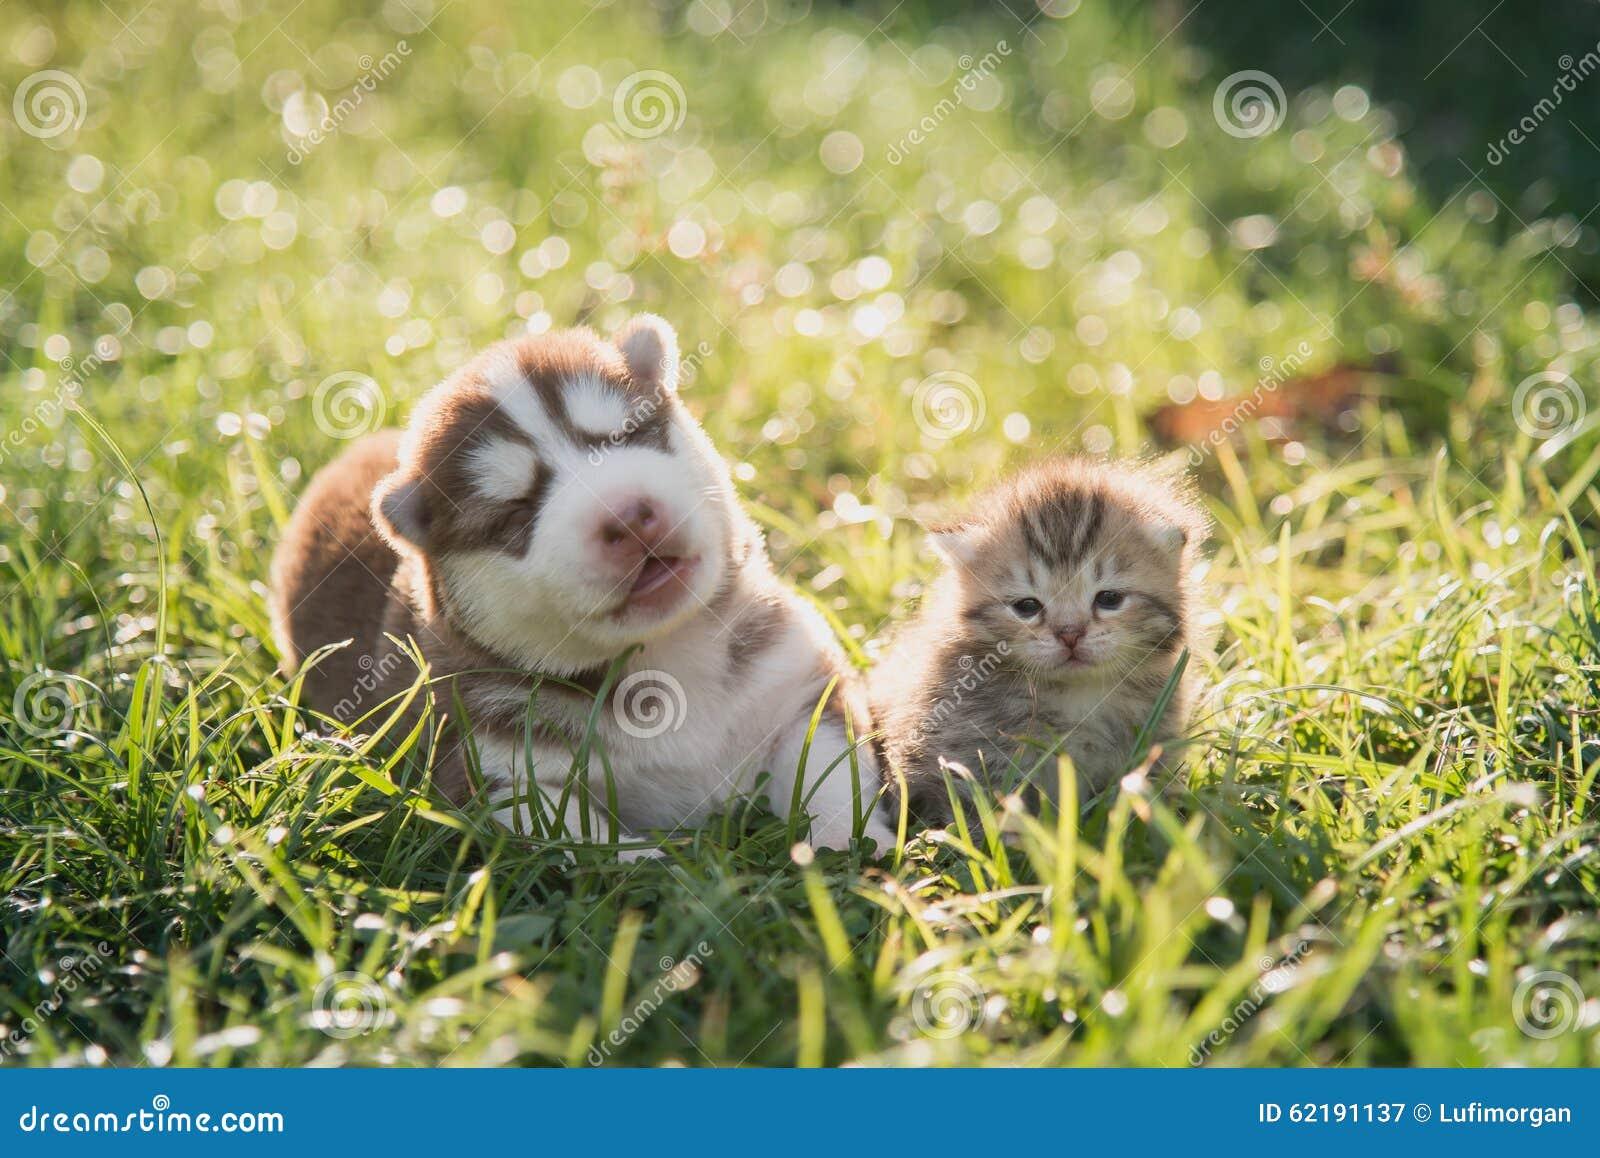 Gulligt siberian skrovlig ligga för valp- och strimmig kattkattunge